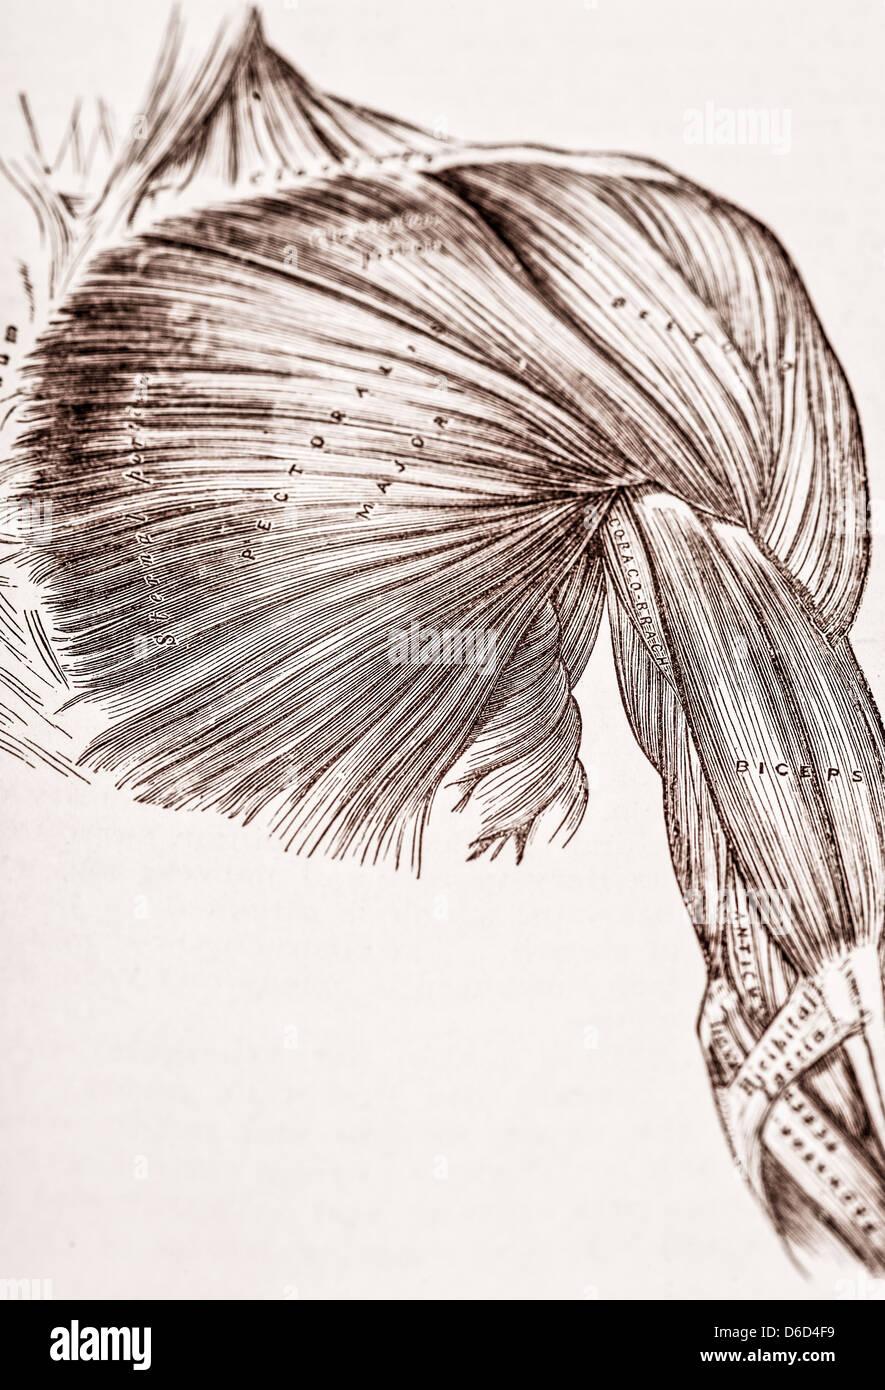 Shoulder Bones Stockfotos & Shoulder Bones Bilder - Alamy